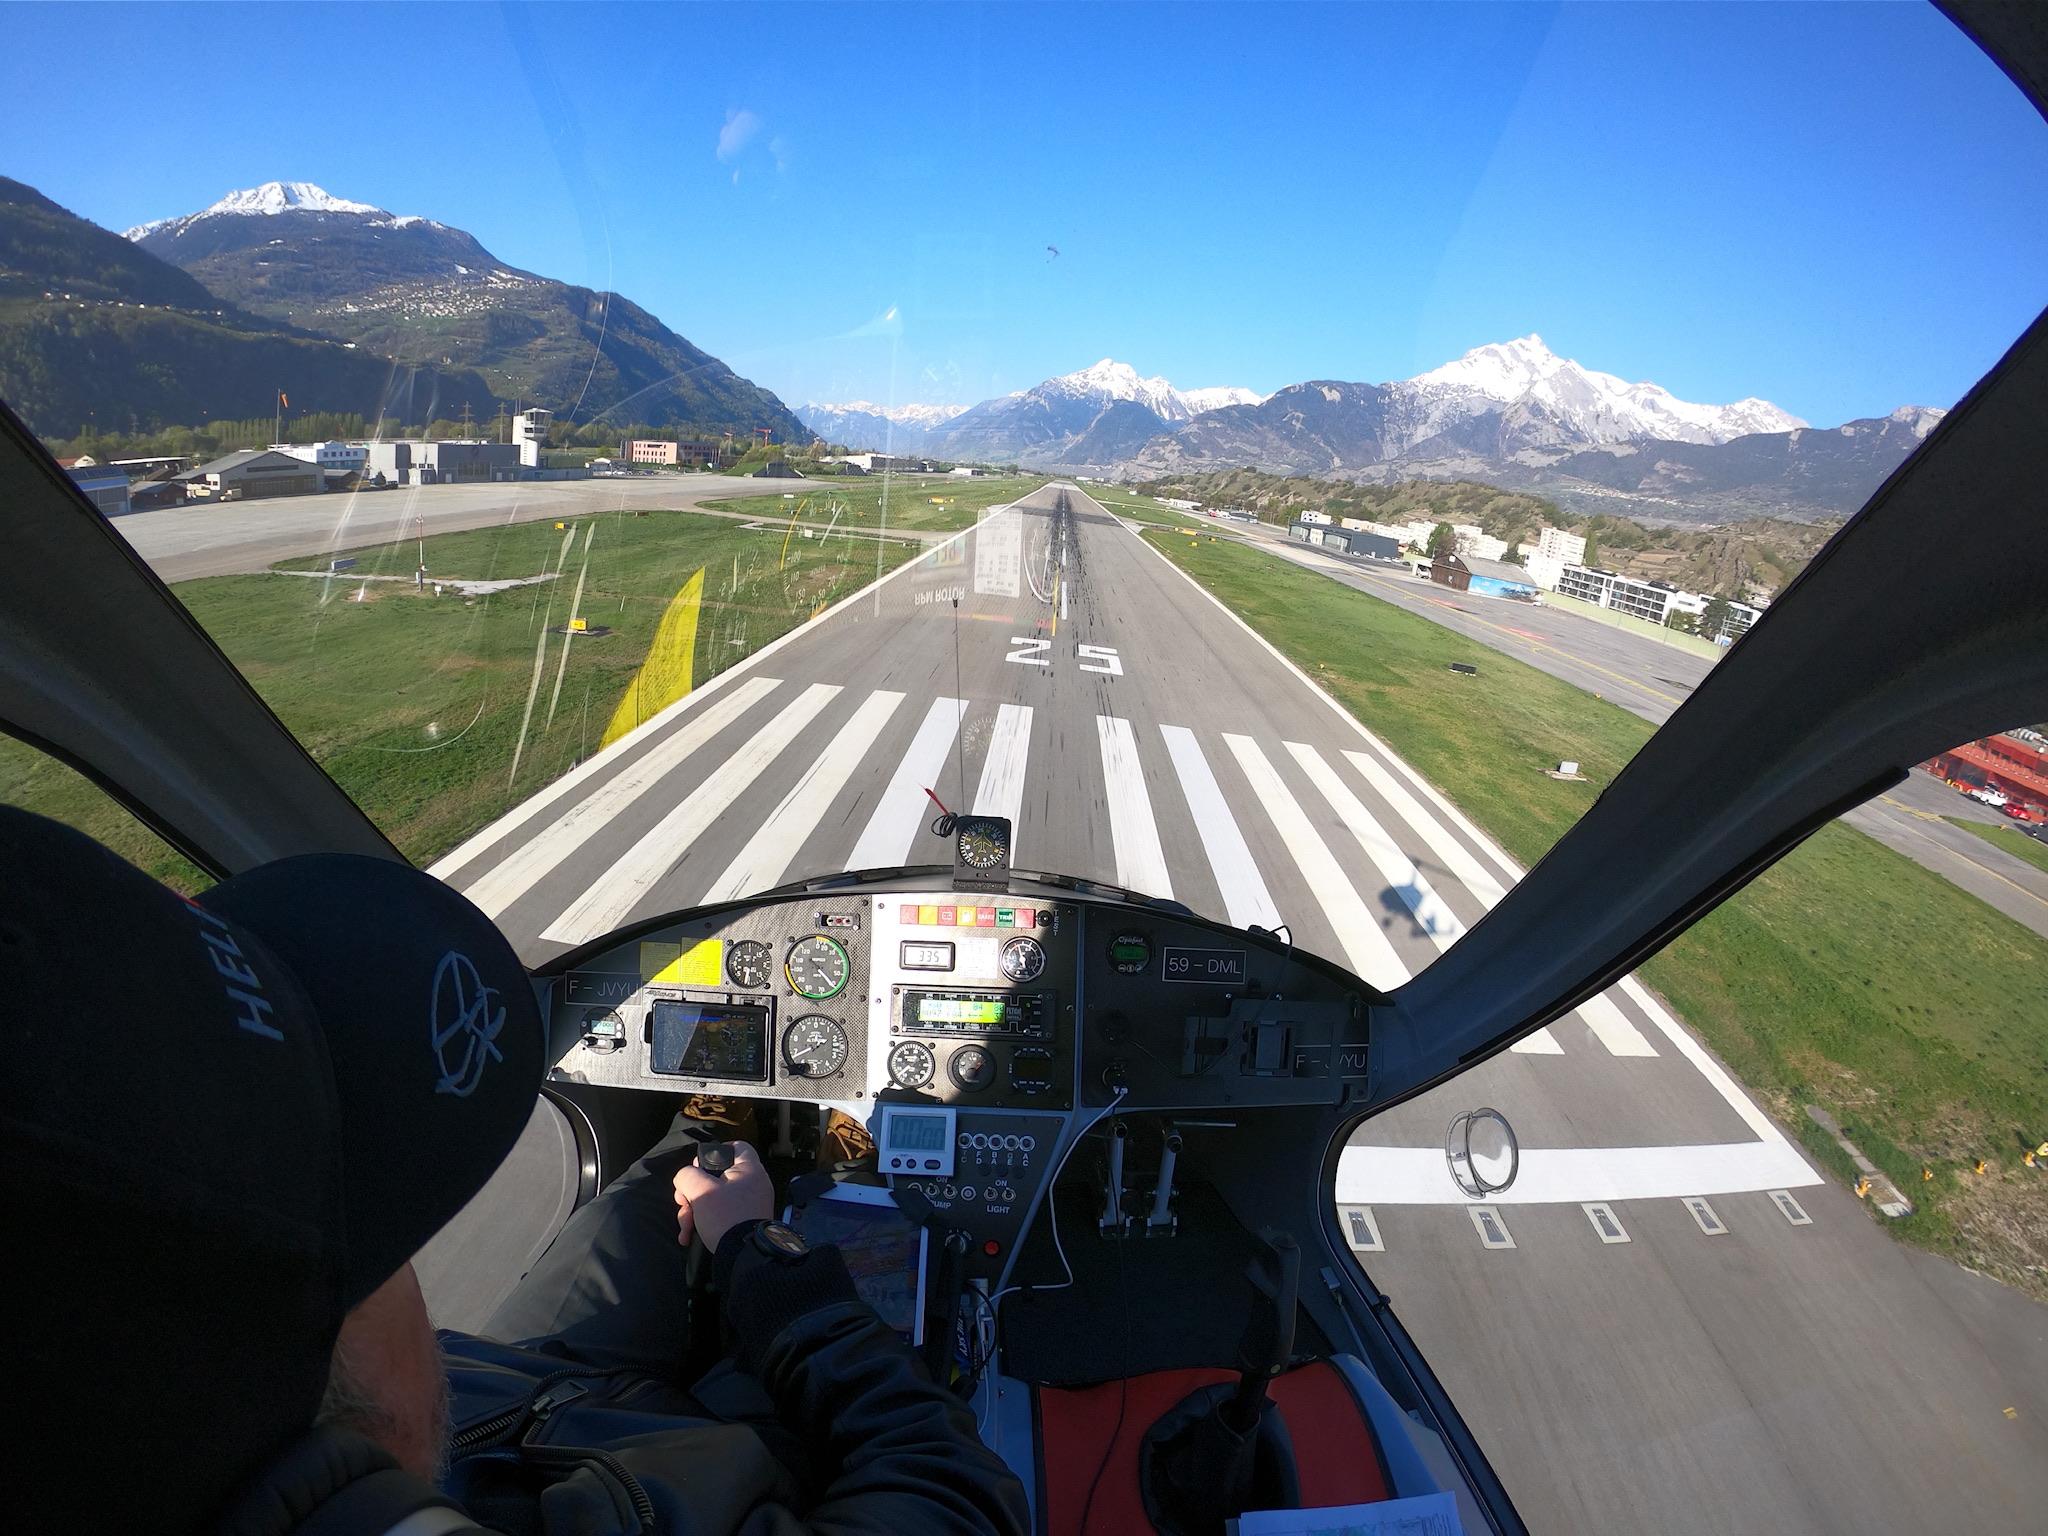 Un volo sopra le 4 valli in Svizzera